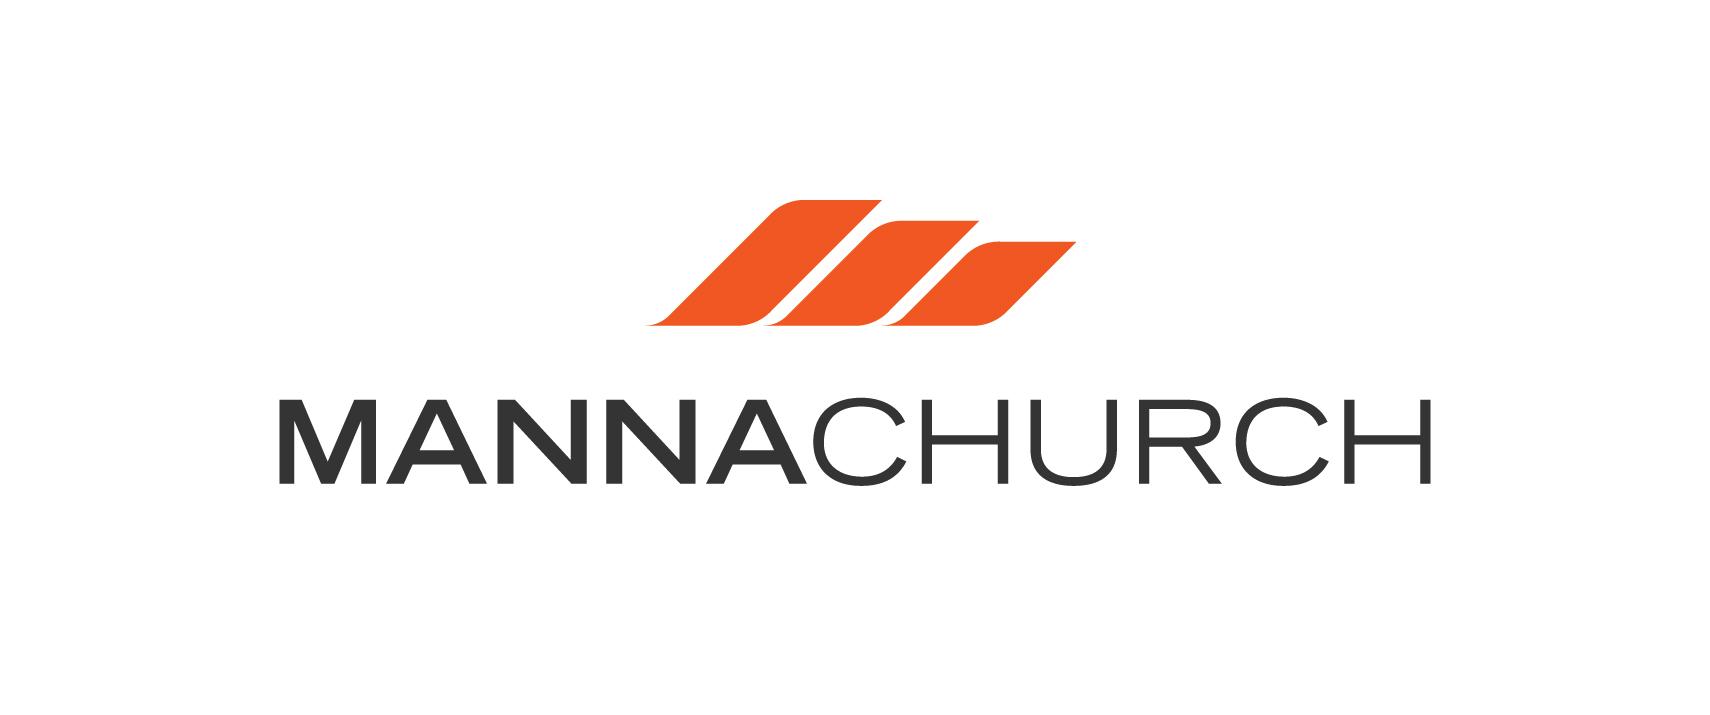 Manna Church final logo july 2012-03 (3).jpg